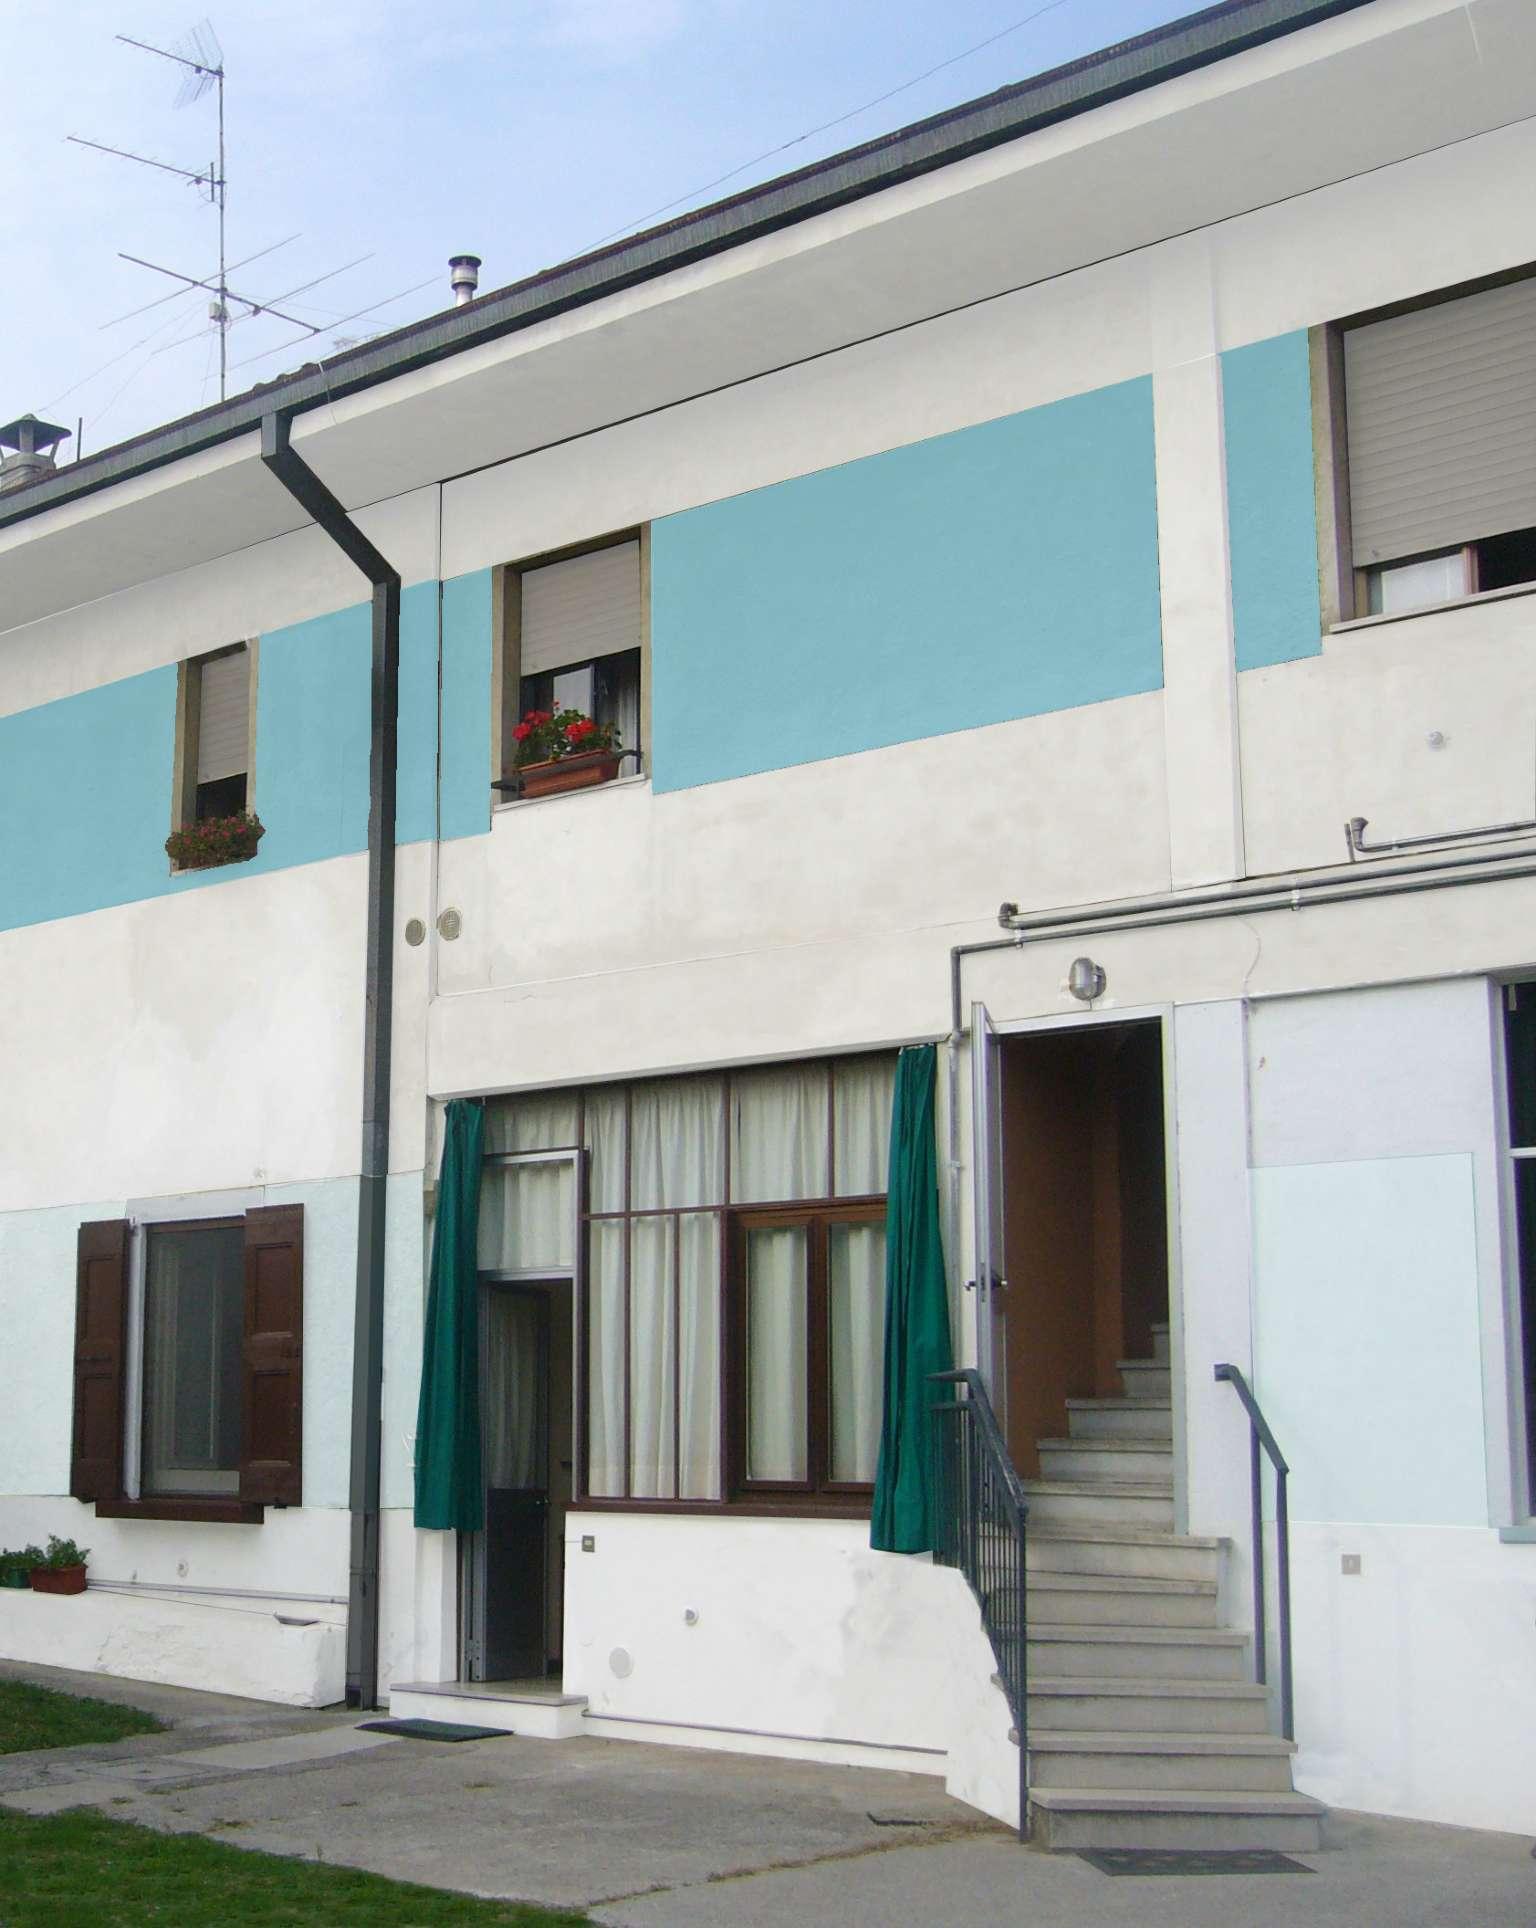 Palazzo / Stabile in vendita a Provaglio d'Iseo, 10 locali, prezzo € 300.000 | PortaleAgenzieImmobiliari.it